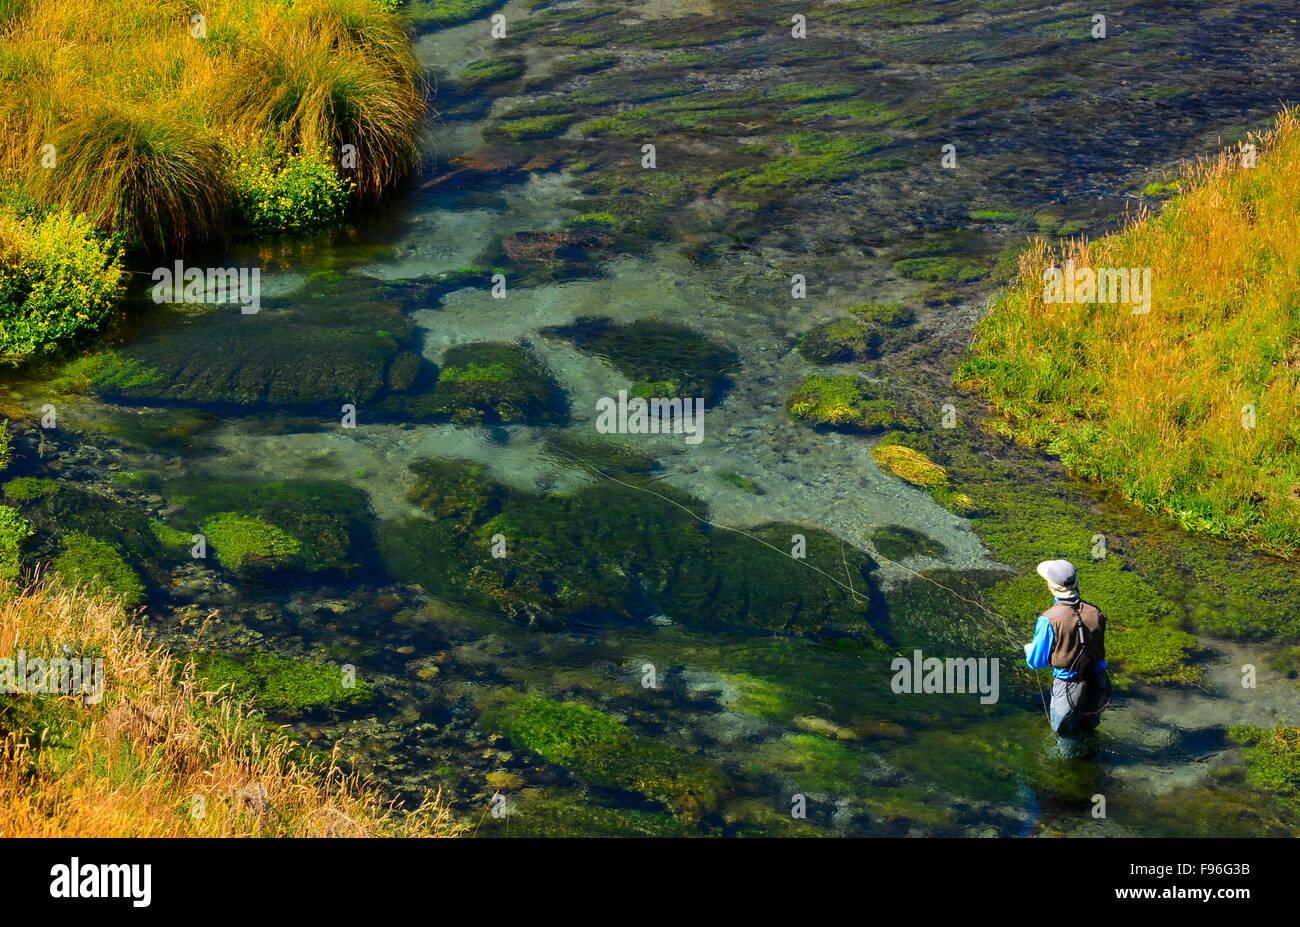 L'homme pêche à la mouche dans une rivière en Nouvelle Zélande, Spring Creek Photo Stock